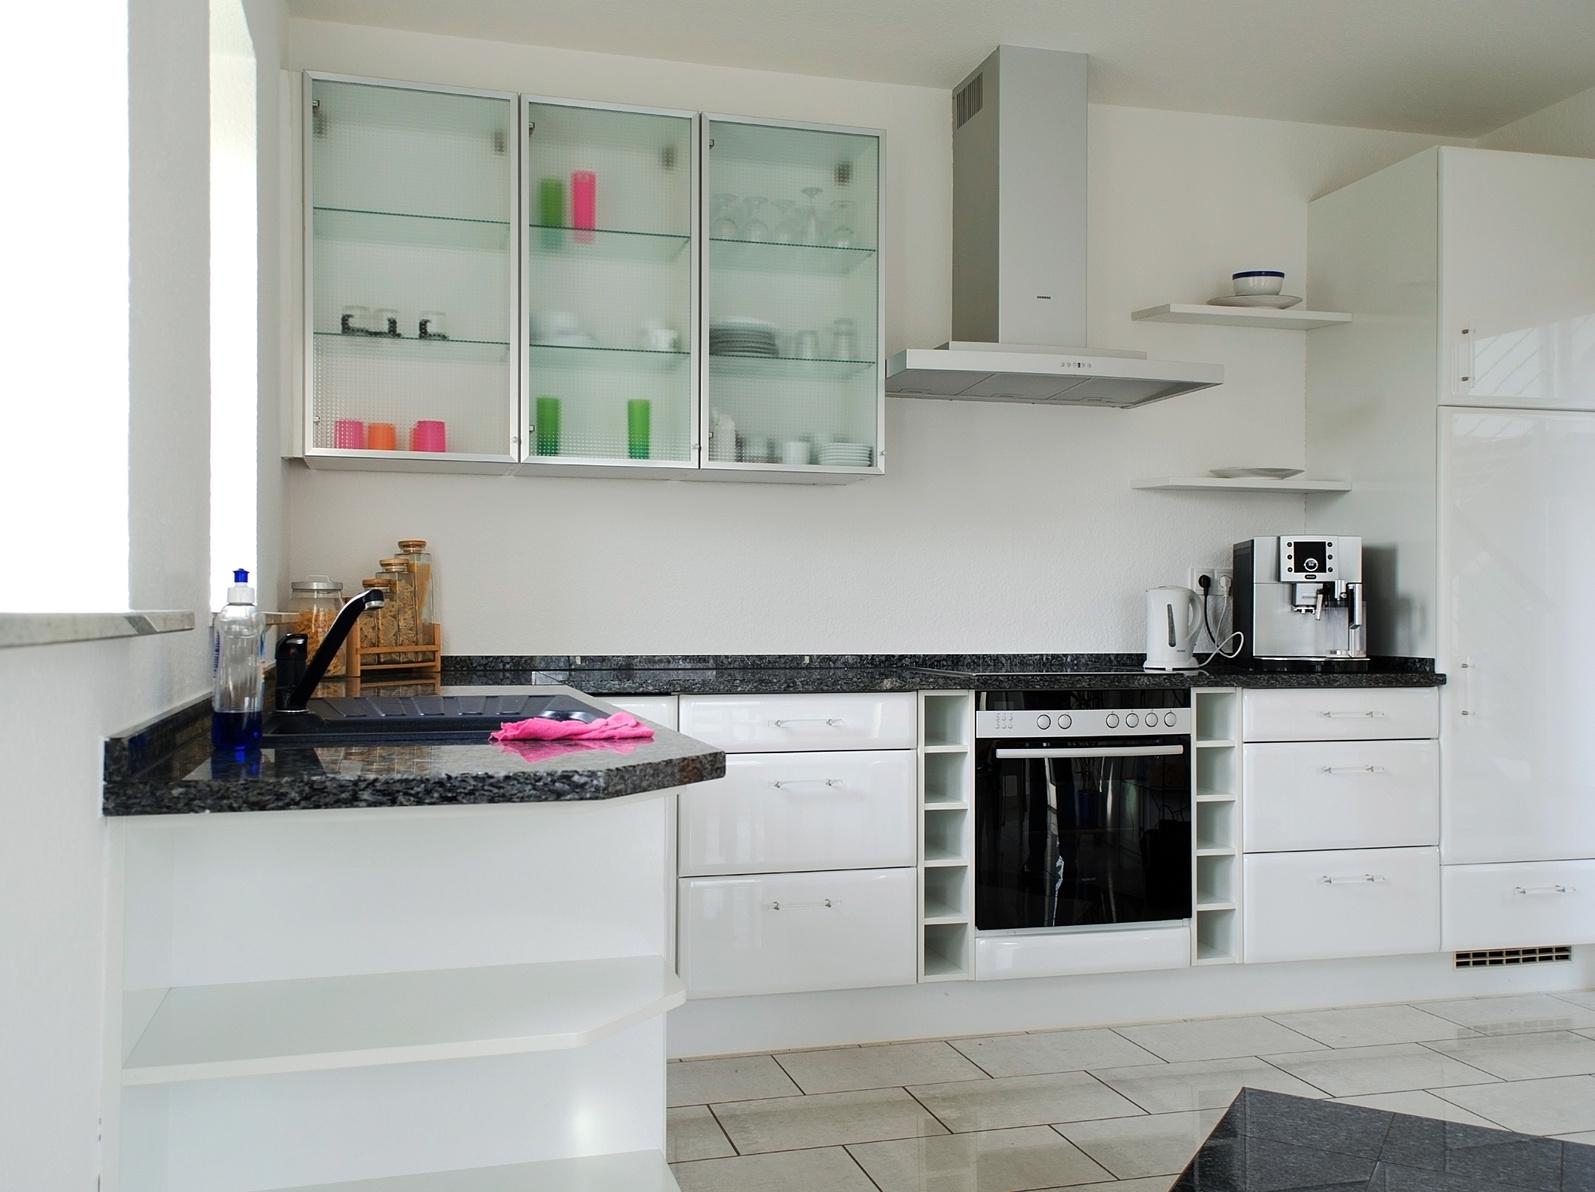 wohnzimmer gestalten klein. Black Bedroom Furniture Sets. Home Design Ideas